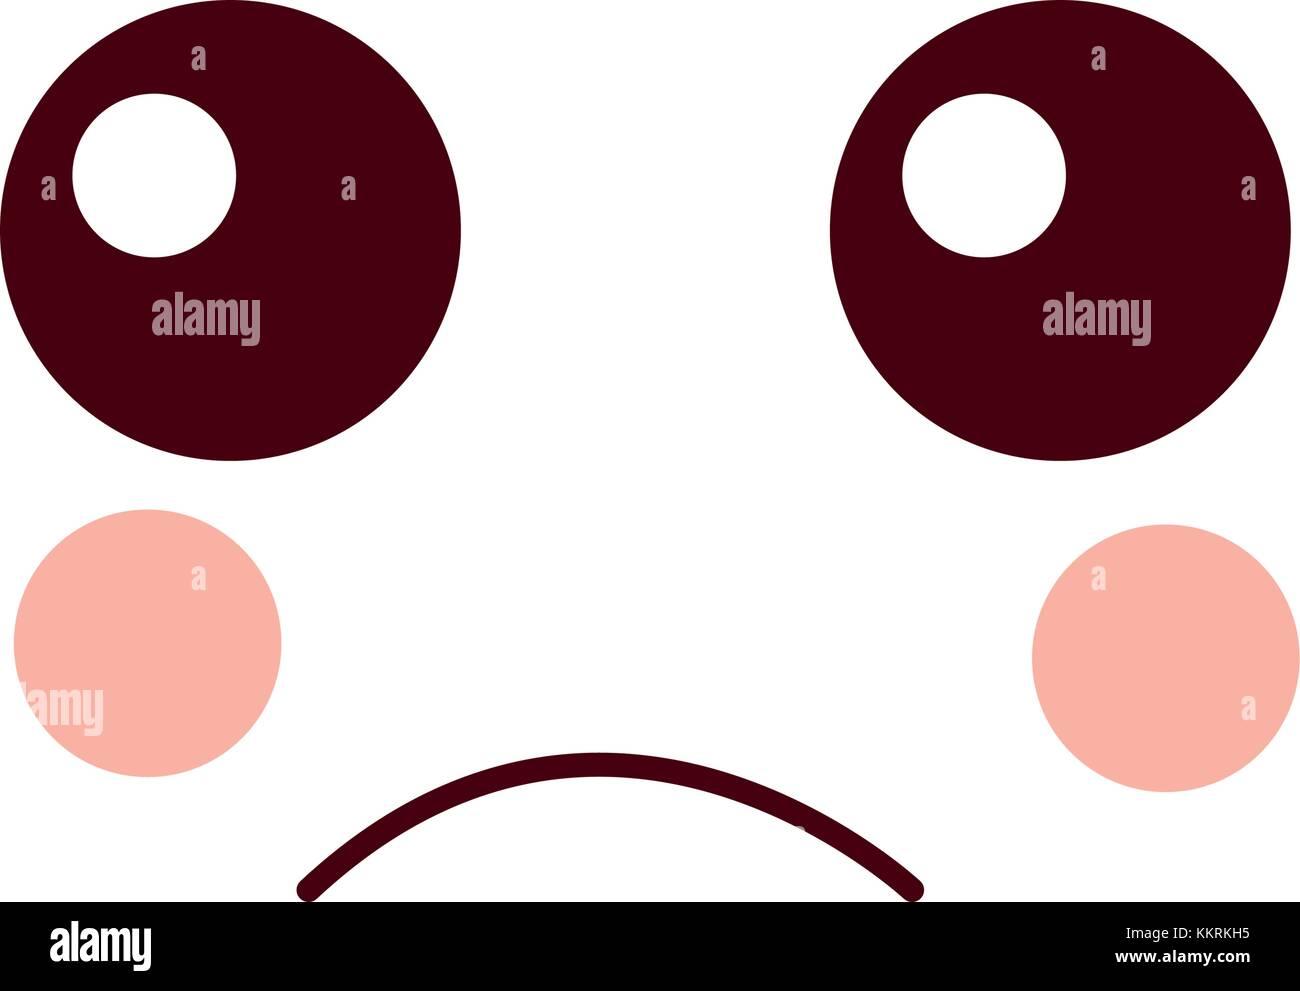 Sad face emoji icon image stock vector art illustration vector sad face emoji icon image buycottarizona Gallery